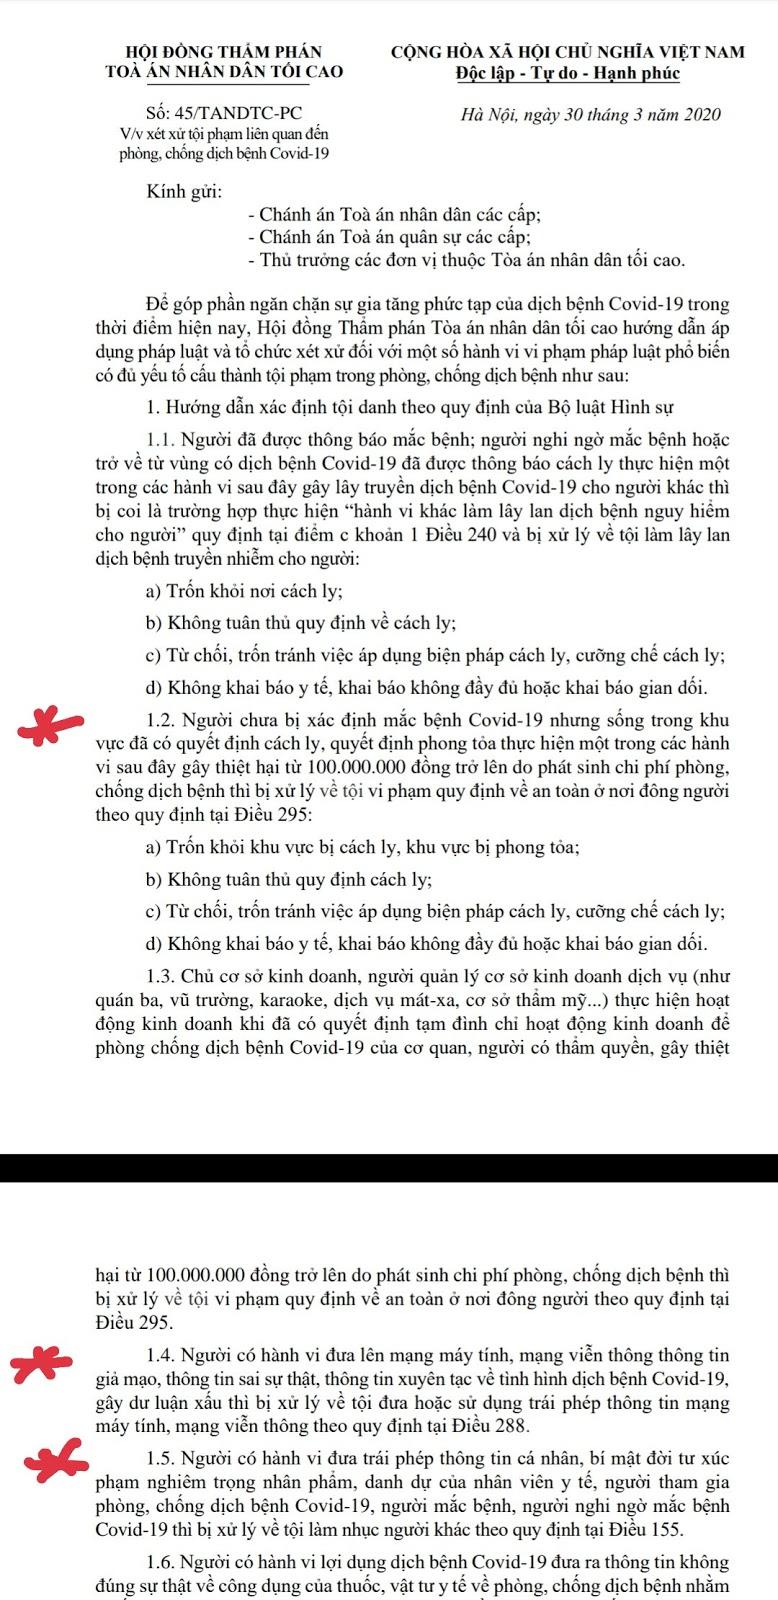 NHỮNG LỜI XÀM NGÔN VỀ COVID 19 SẼ PHẢI CHỊU MỨC ÁN THÍCH ĐÁNG